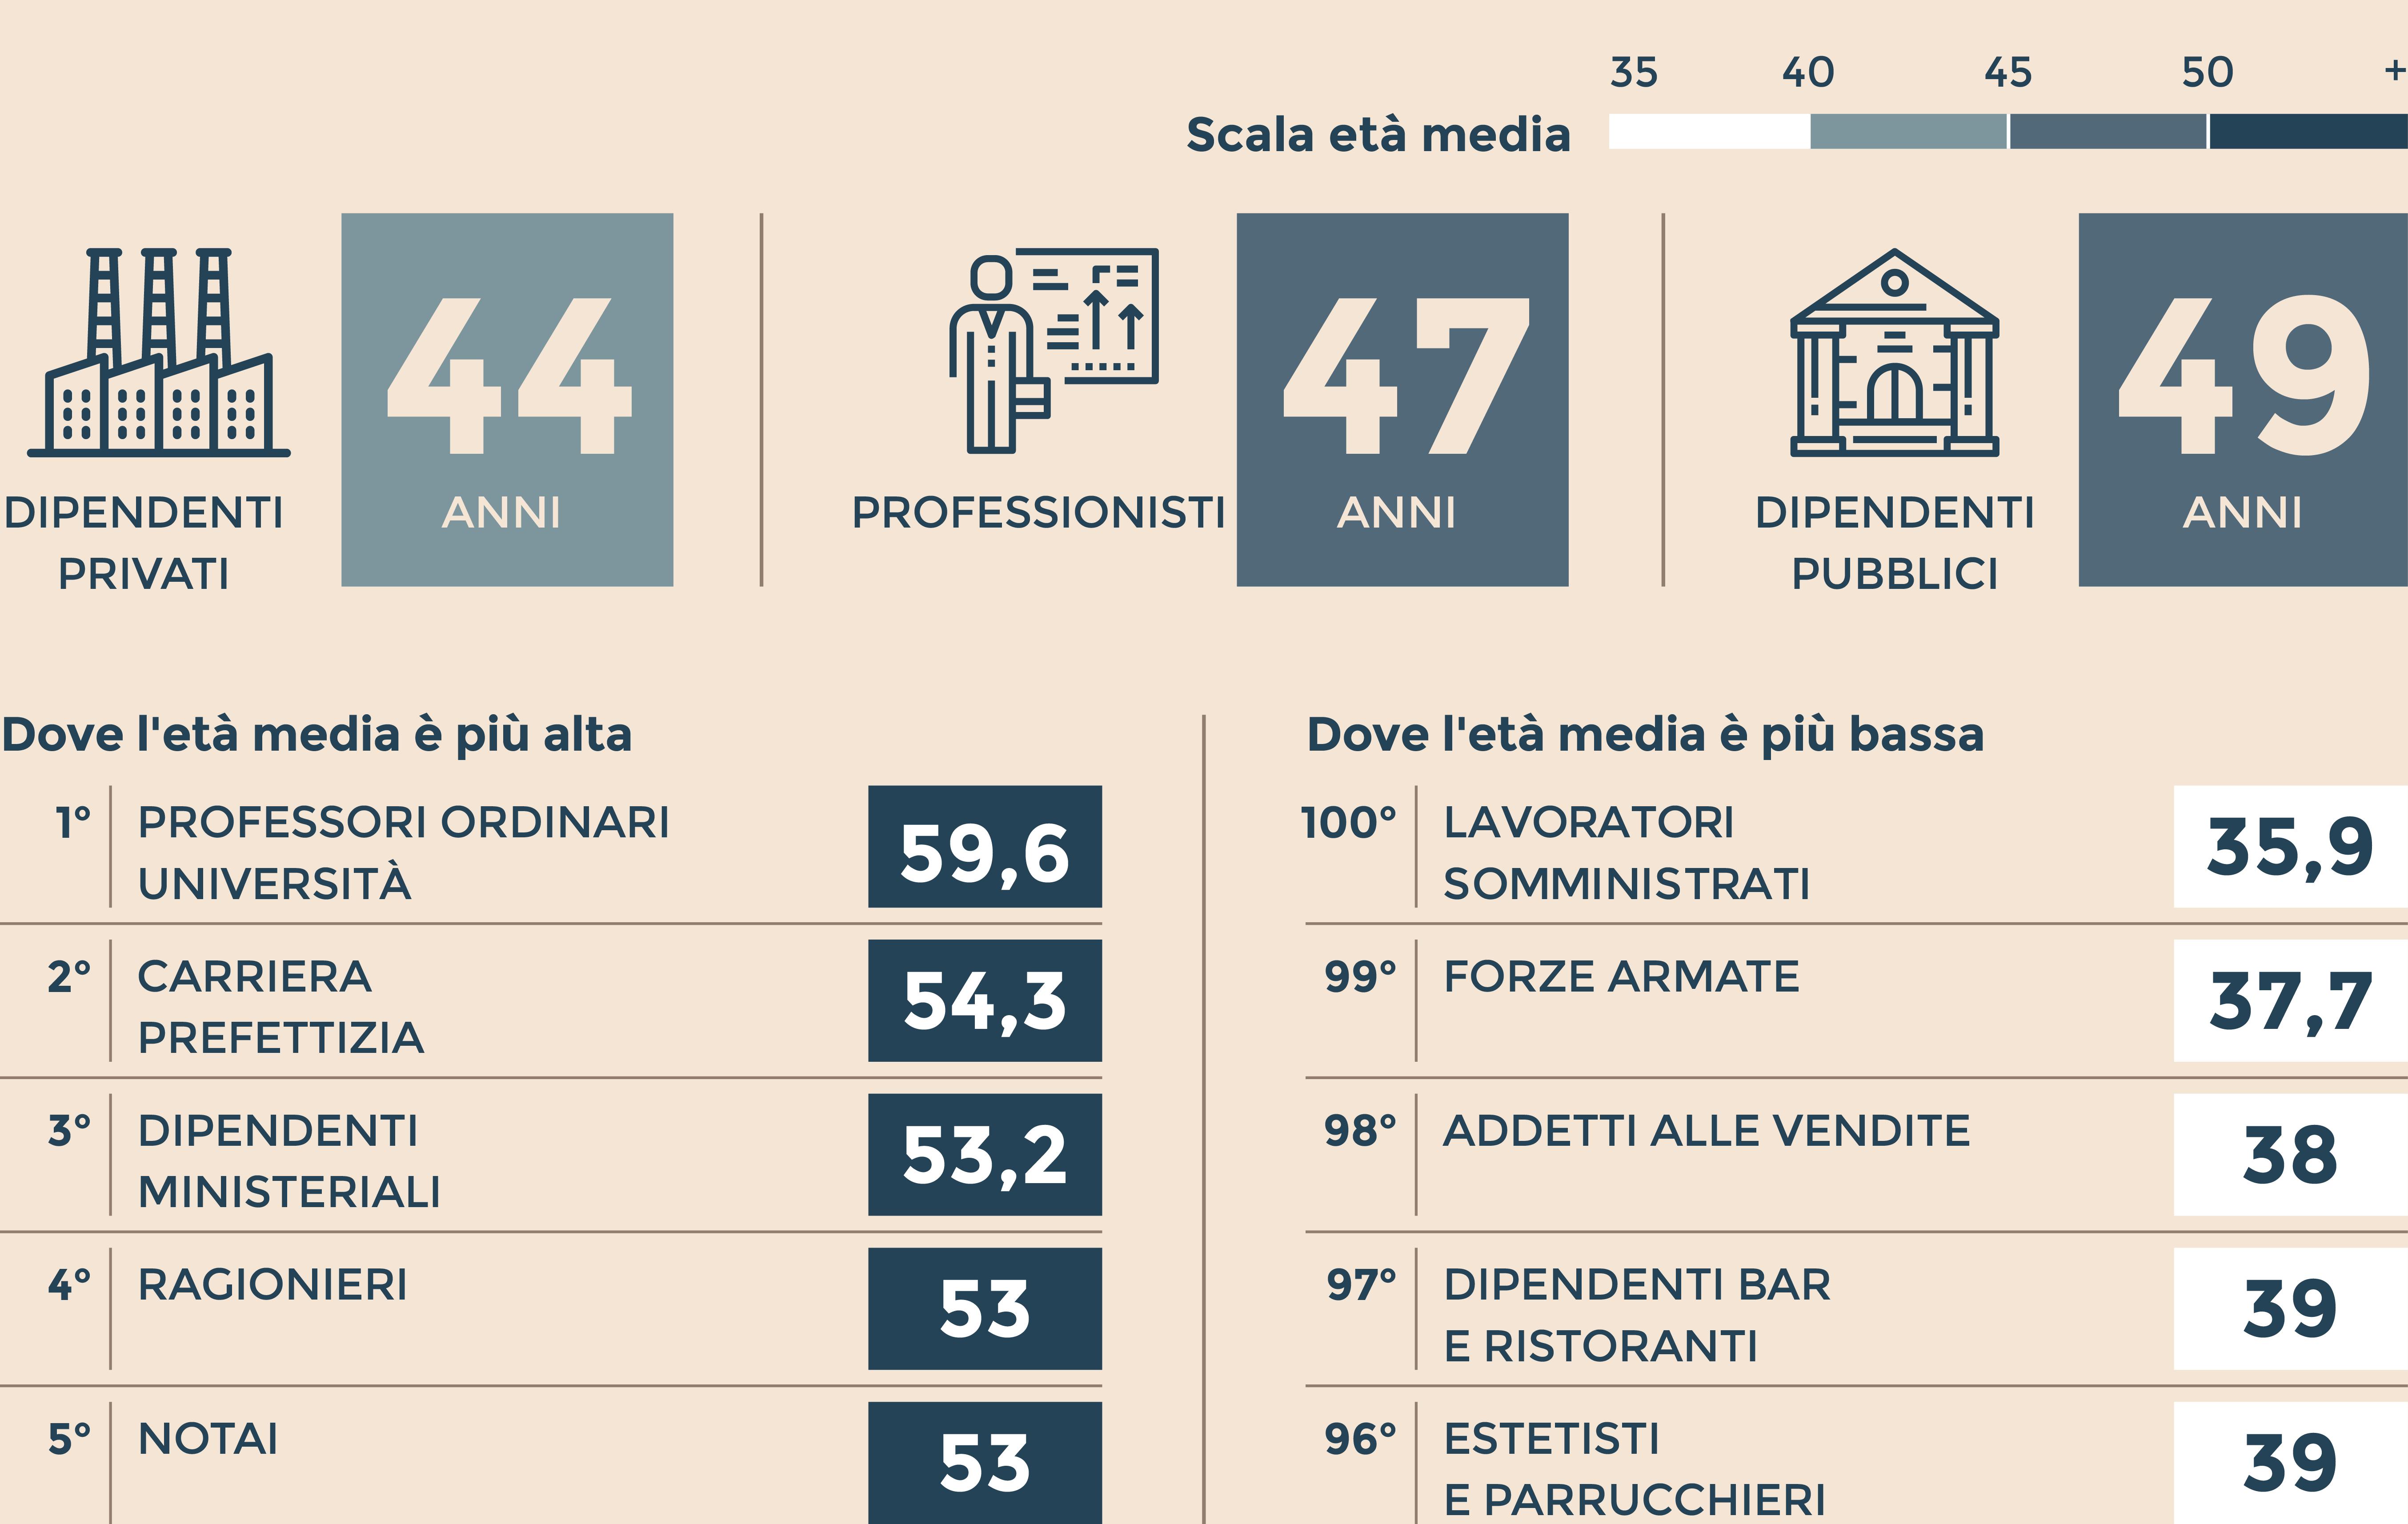 estetisti, militari, venditori: i mestieri più giovani nell'italia